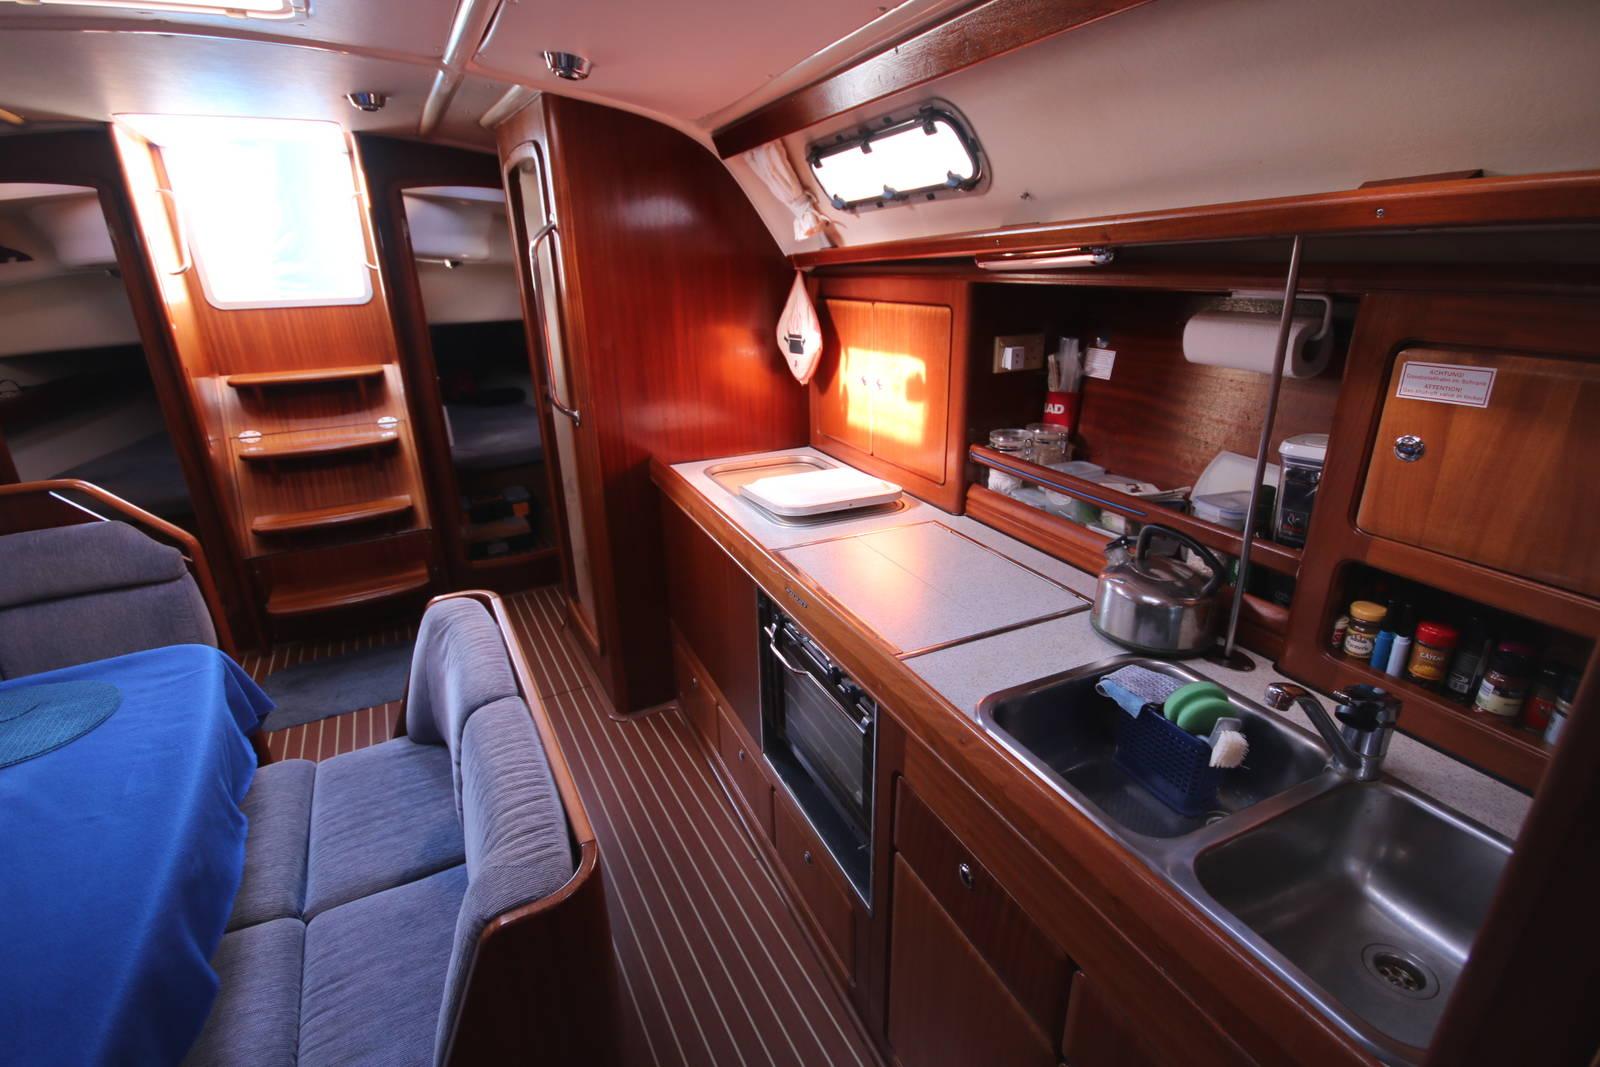 Bavaria Cruiser 40 galley